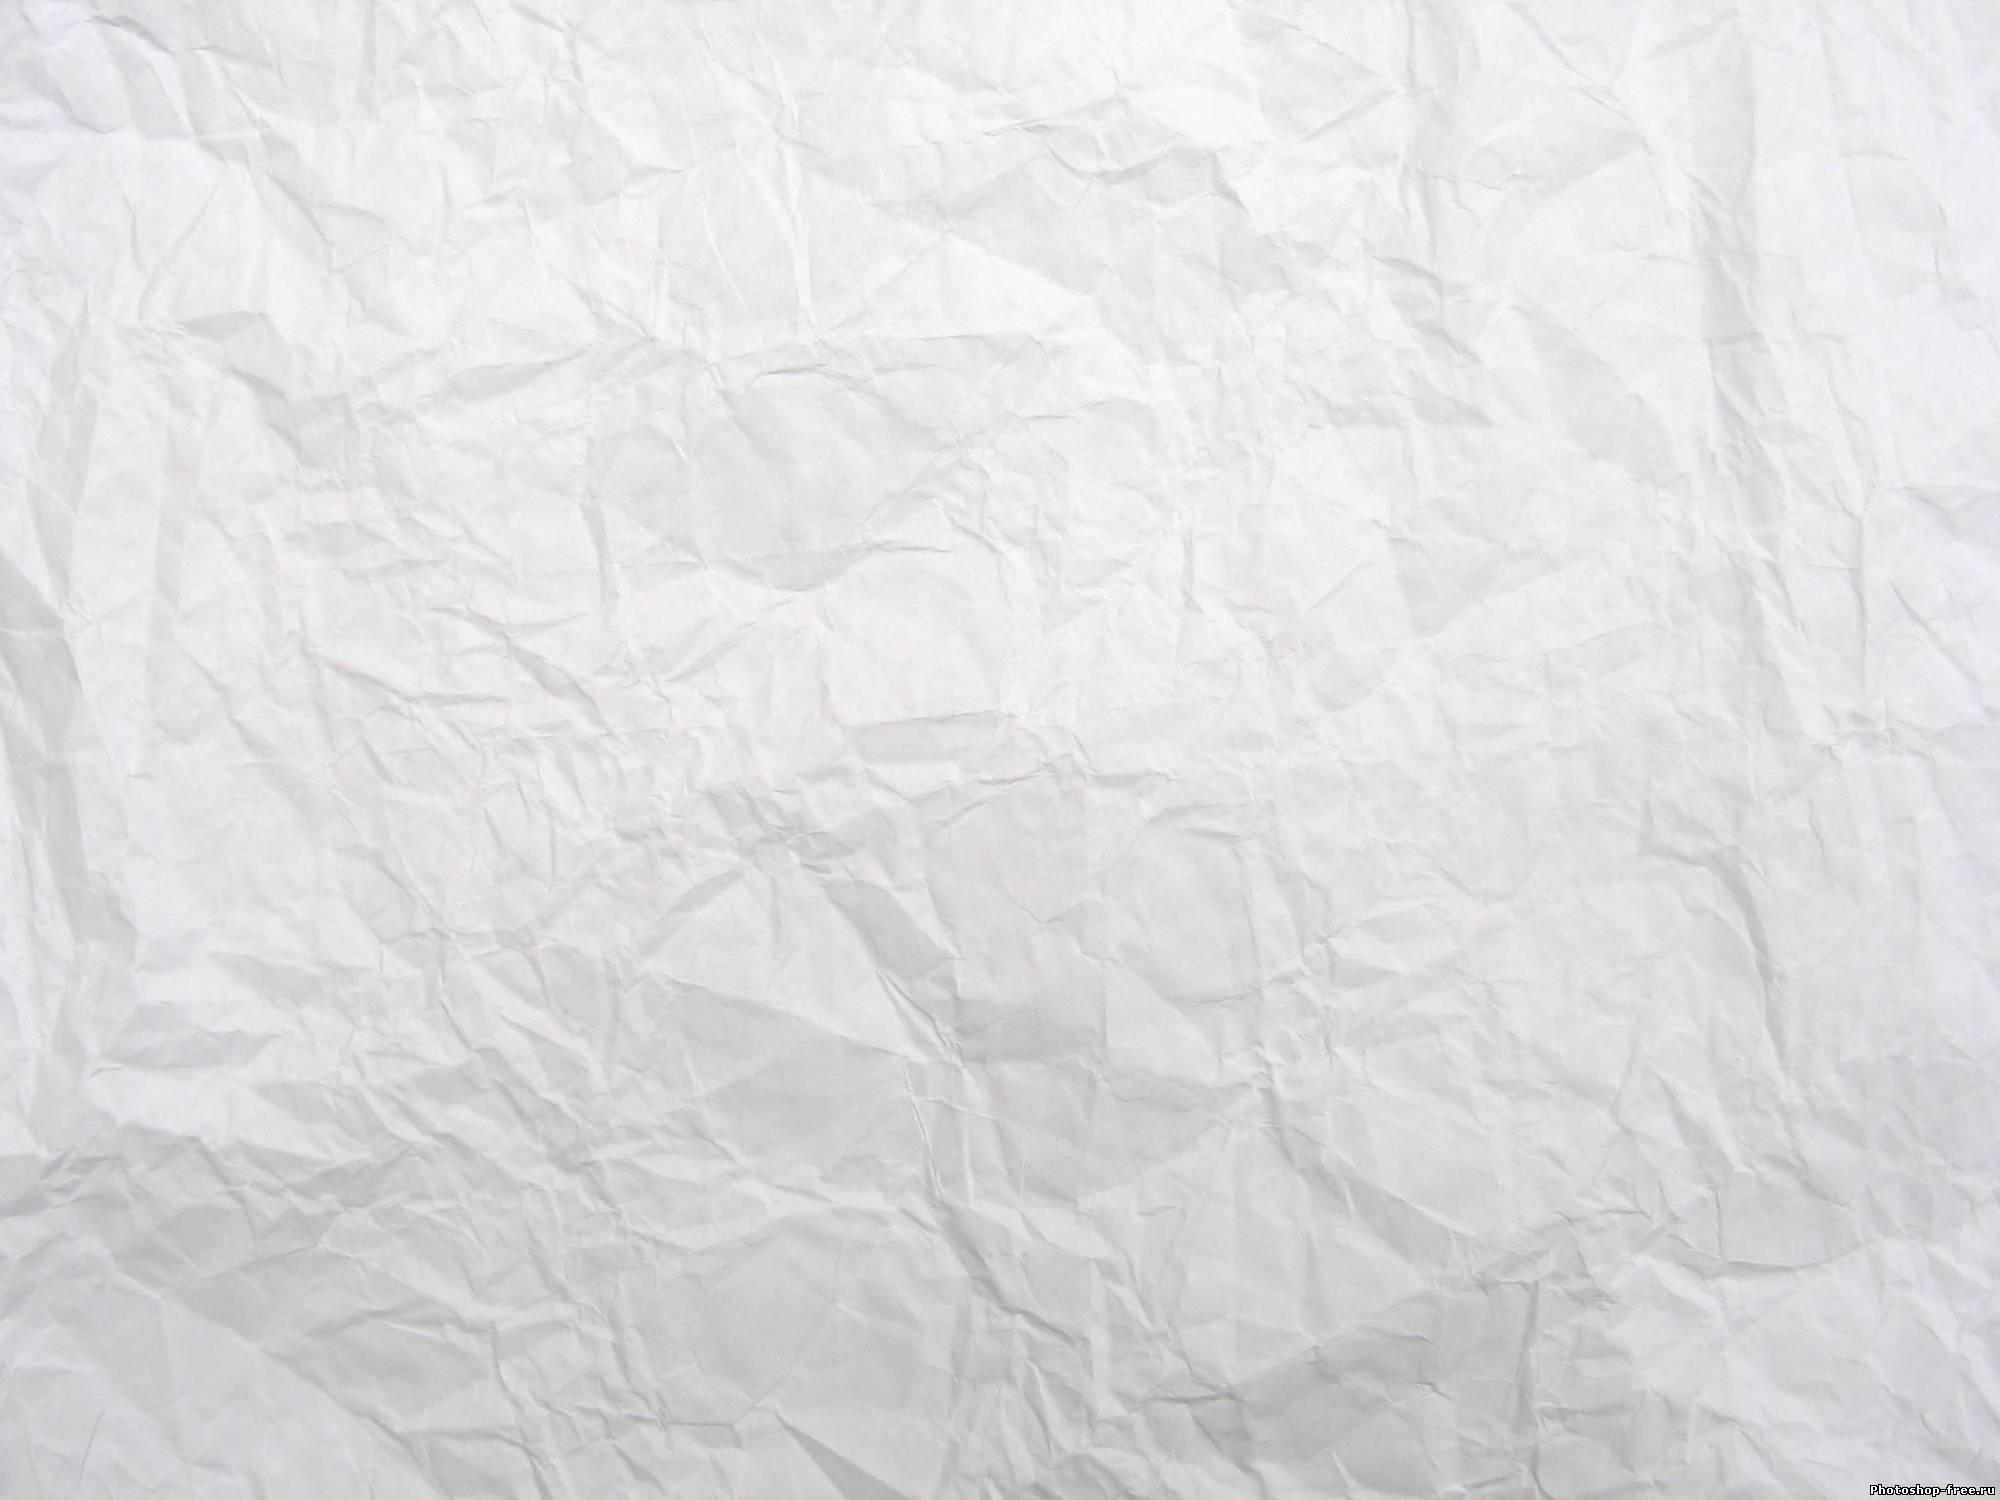 щёки белые плывущие полосы на краях текстур погодные факторы порой